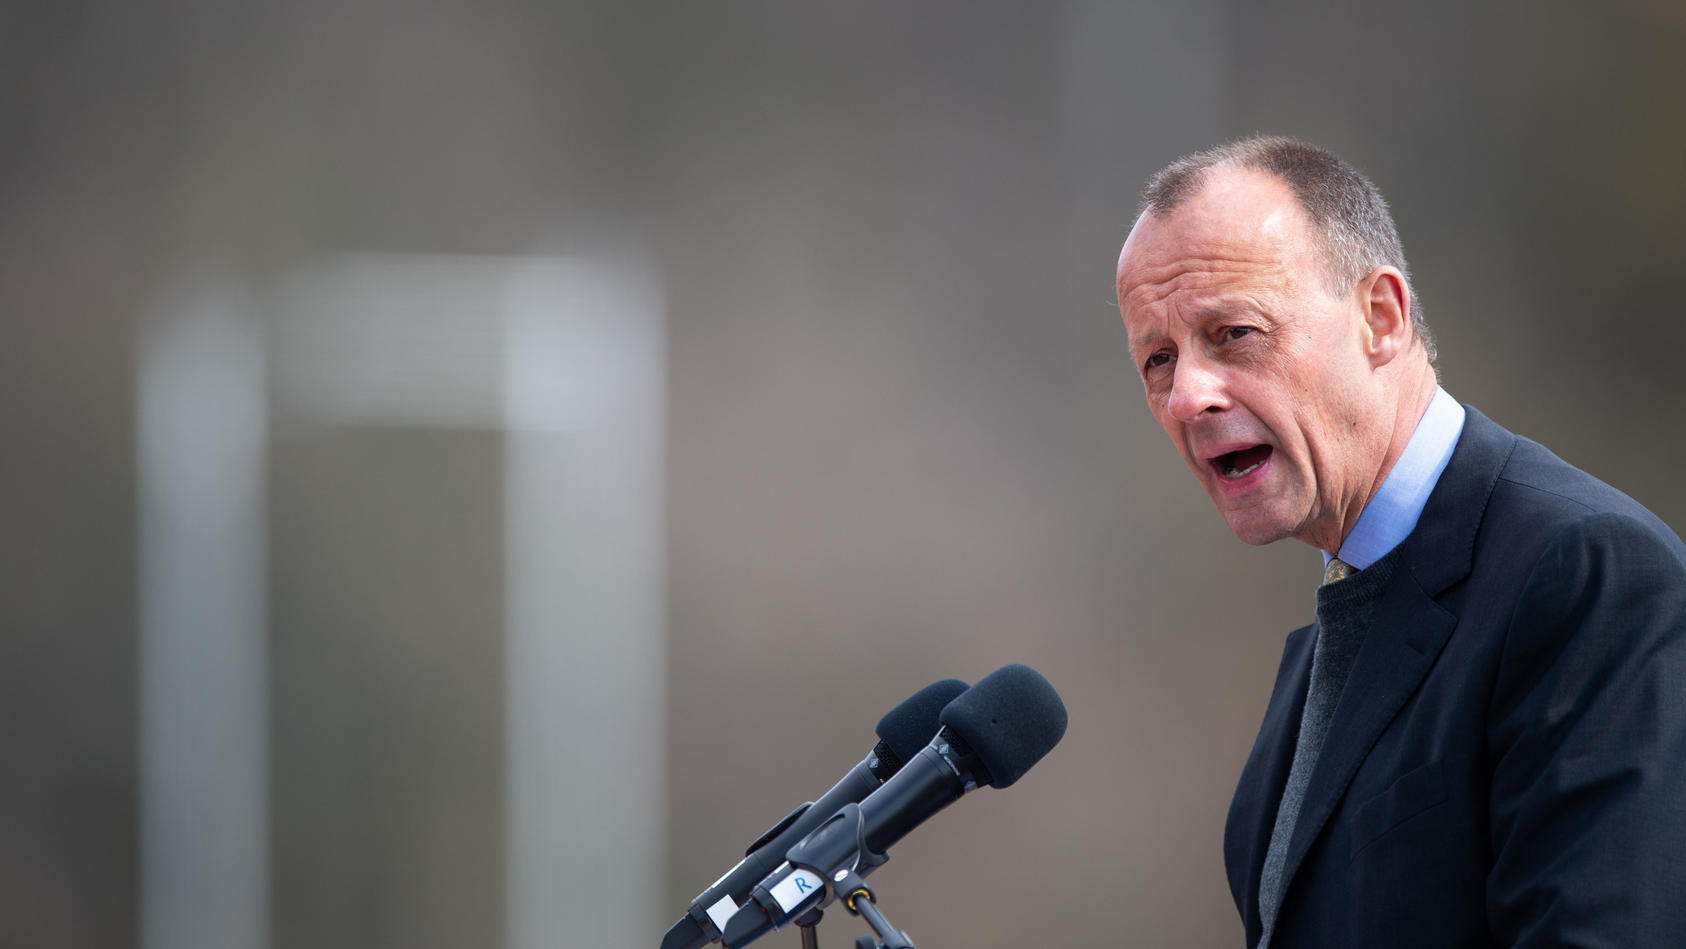 Versammlung der CDU im Hochsauerlandkreis vor der Bundestagswahl: Friedrich Merz gewinnt die Kampfabstimmung.